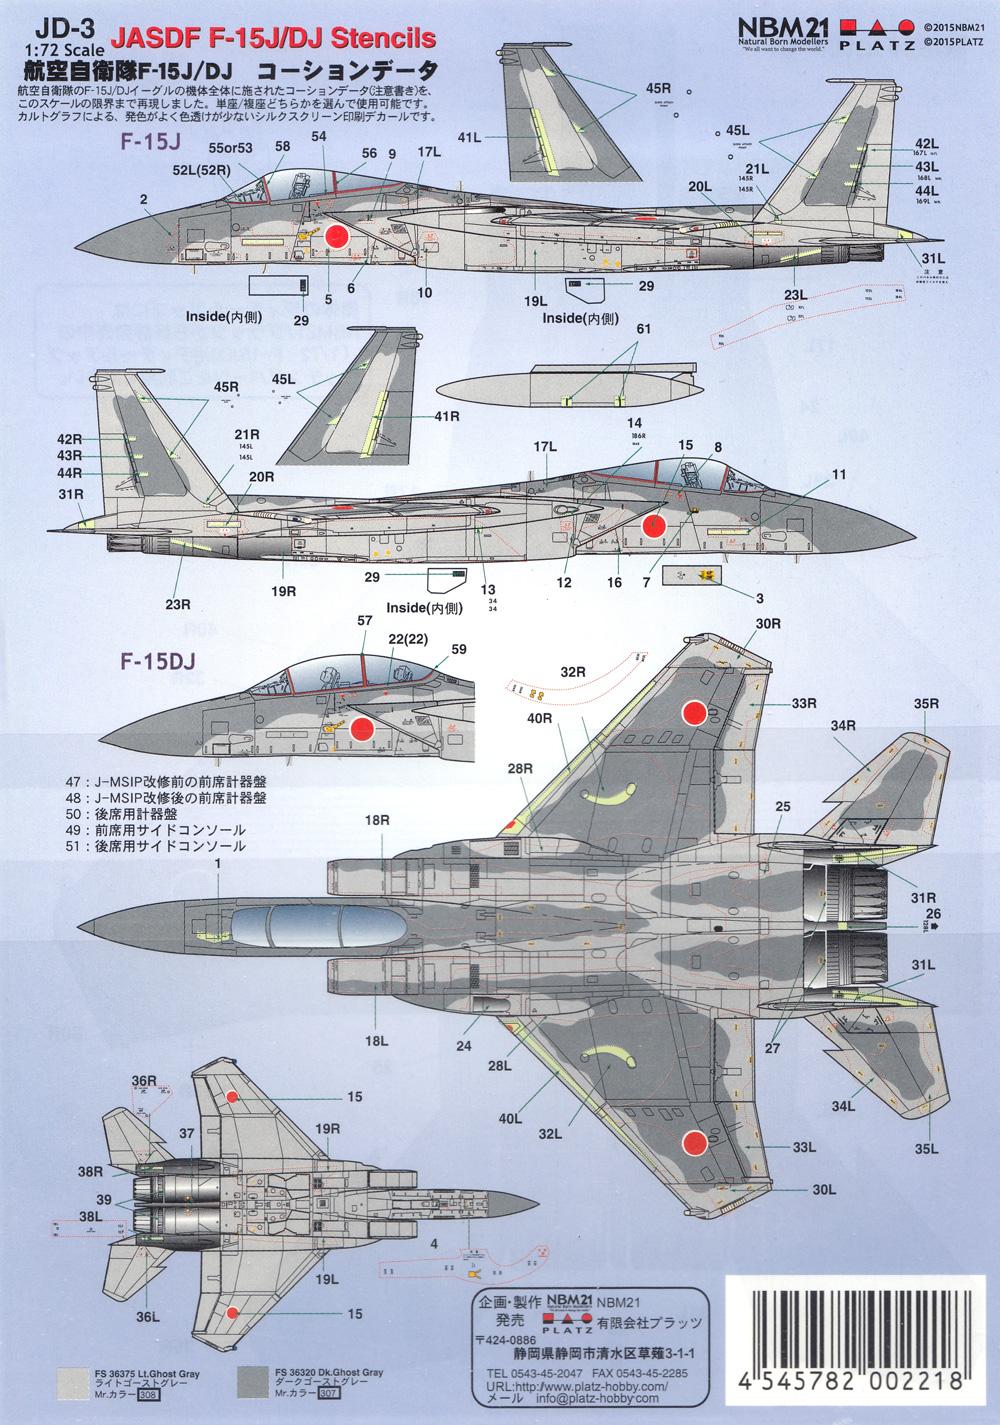 航空自衛隊 F-15J/DJ用 コーションデータ デカールデカール(NBM211/72 自衛隊機用デカールNo.JD-003)商品画像_1